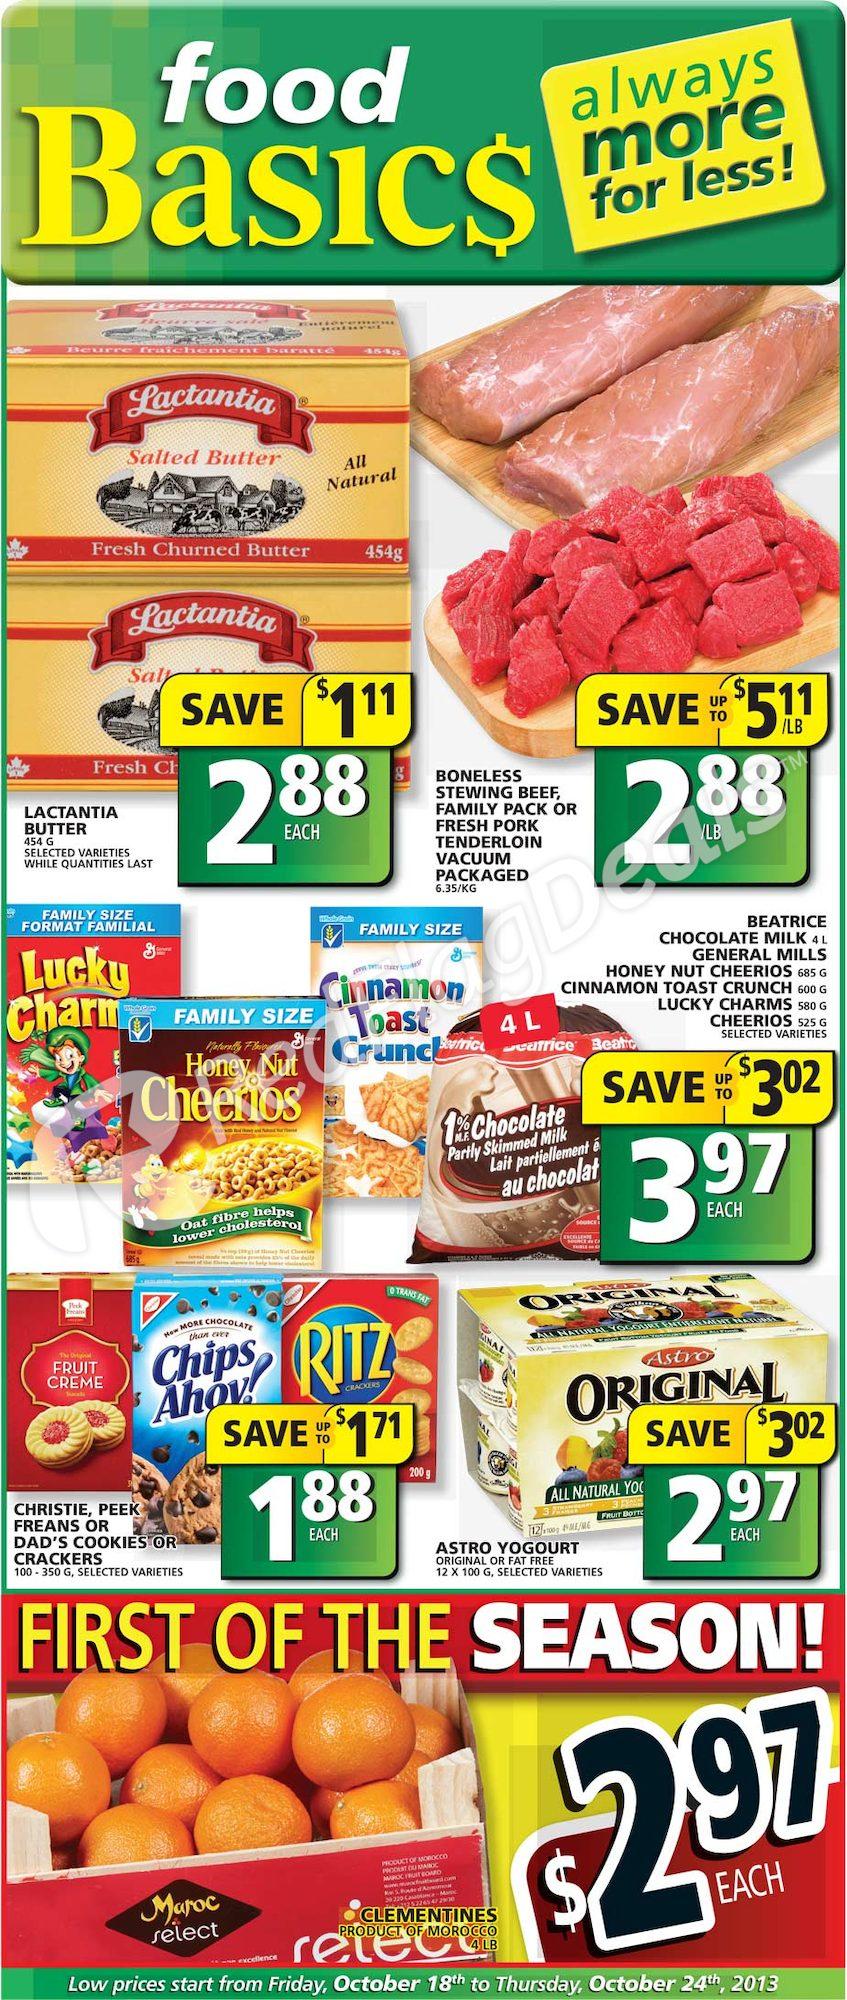 Foodbasics Weekly Flyer Weekly Flyer Oct 18 24